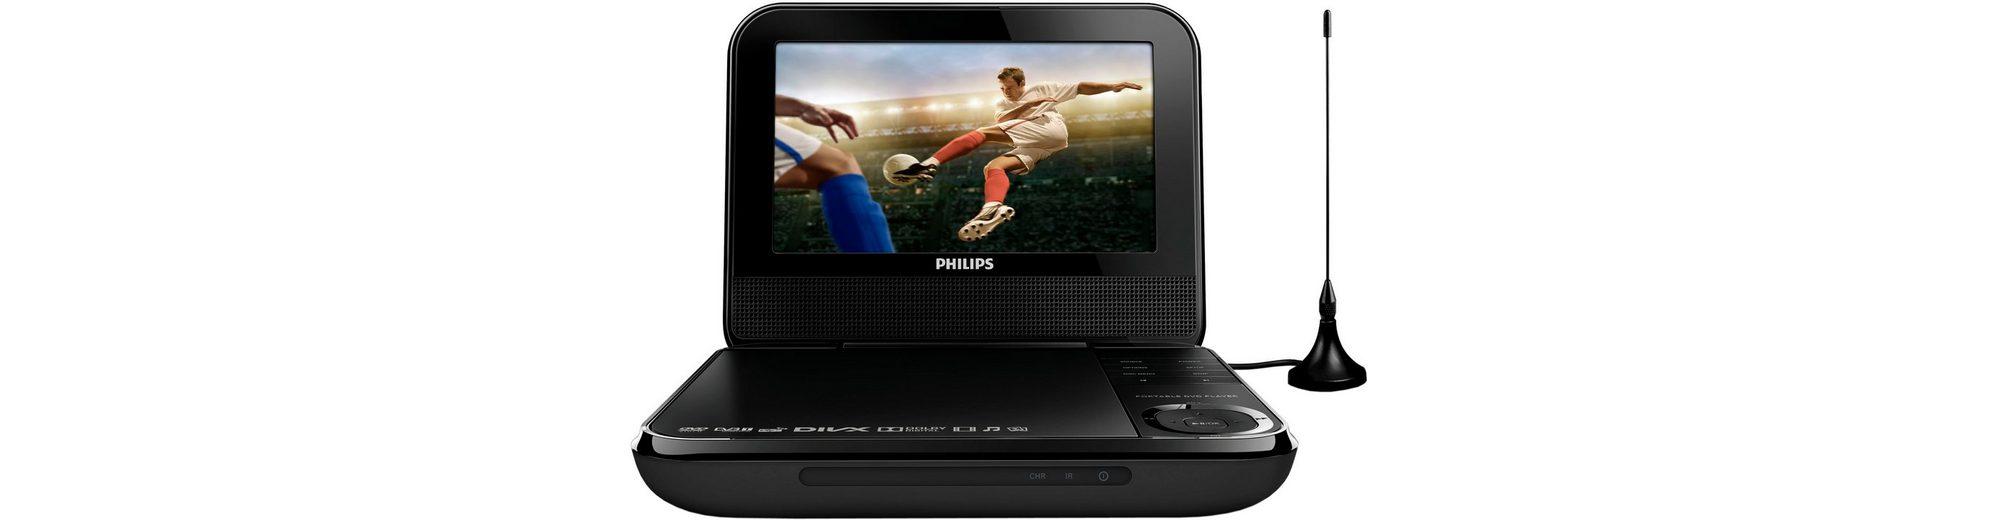 Philips PD7025/12 Portabler Fernseher mit DVD-Player